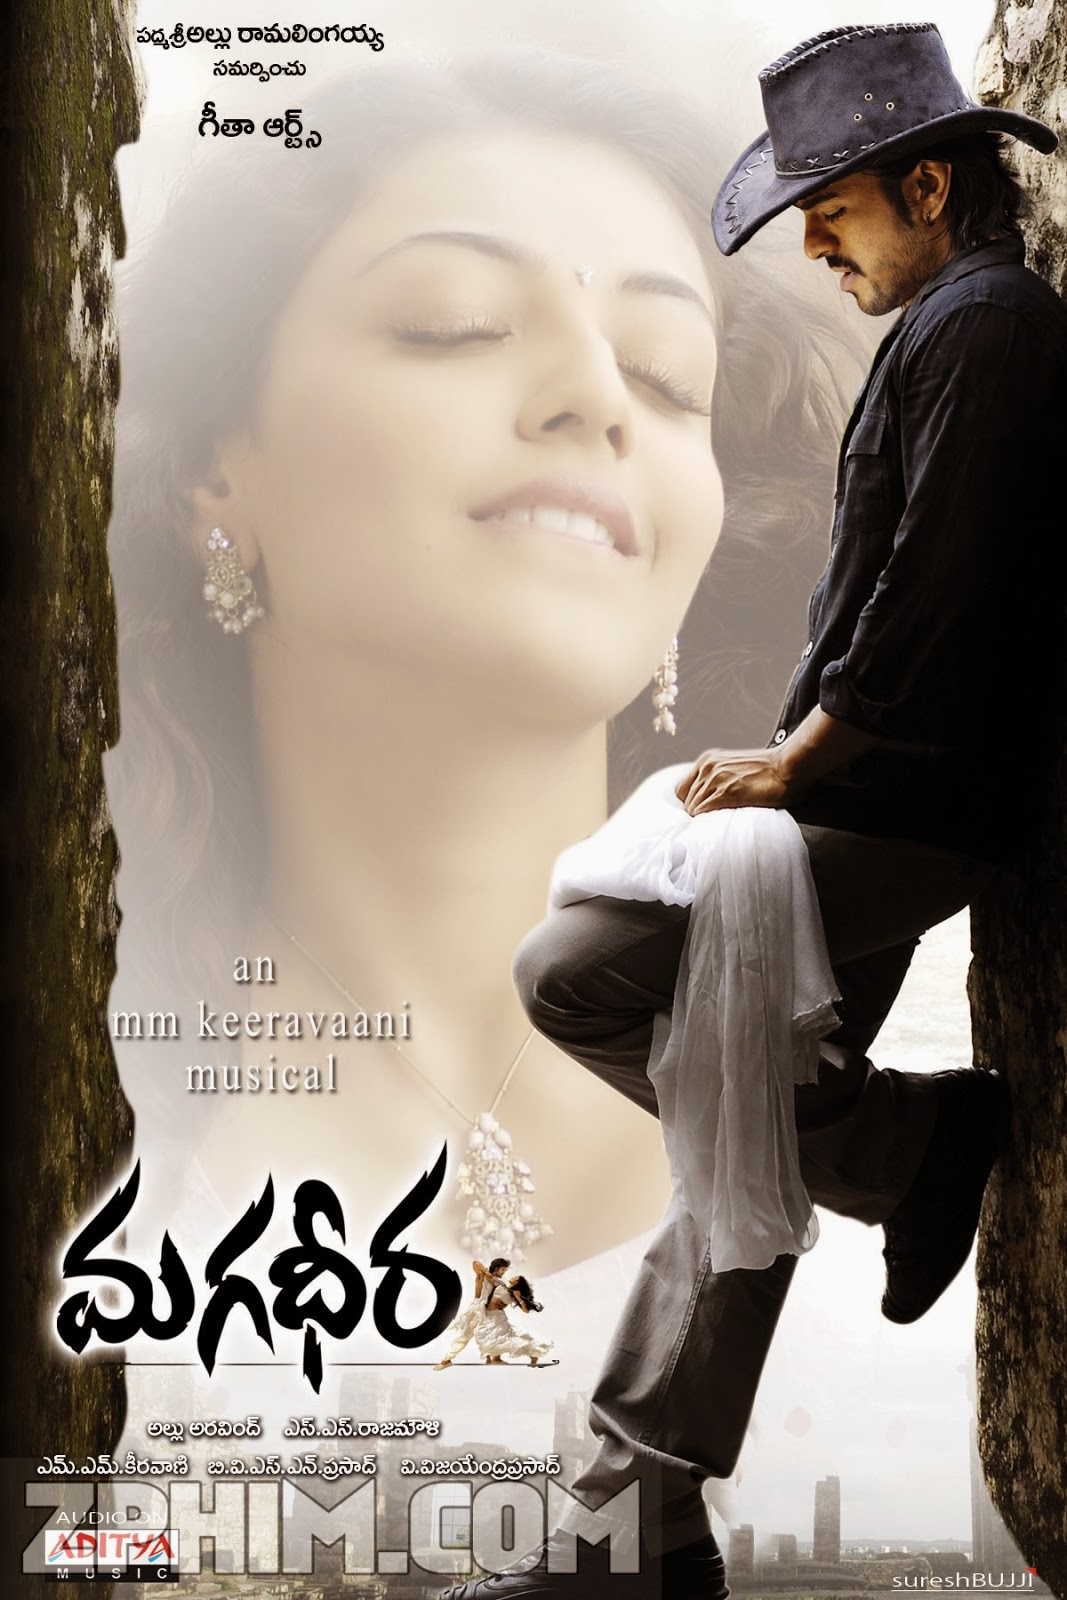 Thần Thoại Ấn Độ - Magadheera (2009) Poster